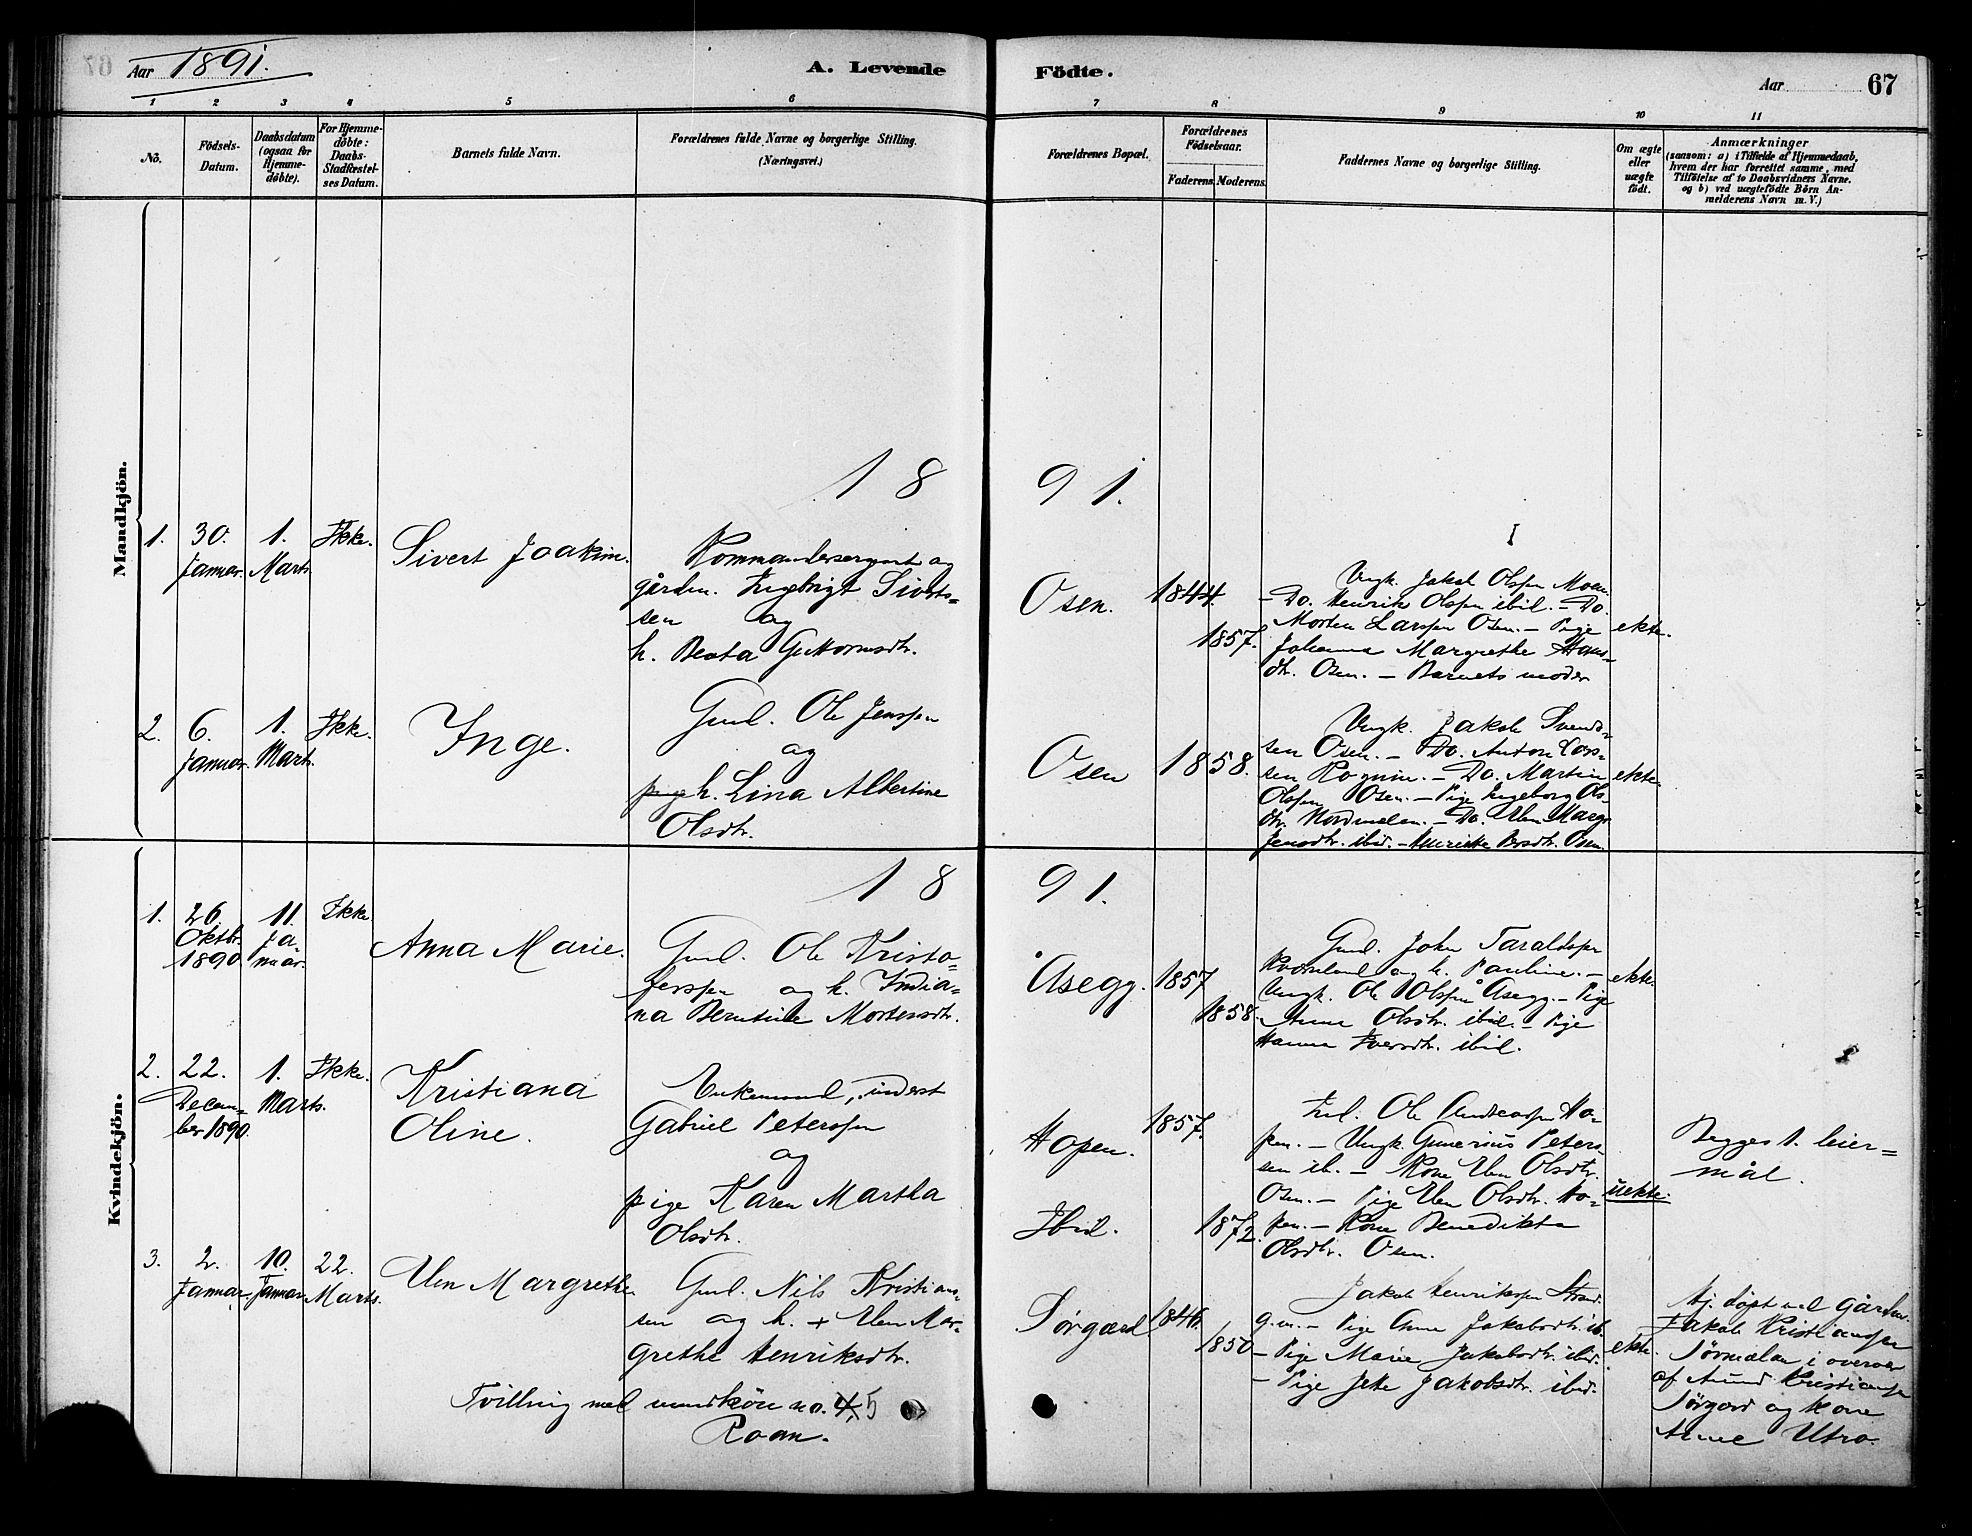 SAT, Ministerialprotokoller, klokkerbøker og fødselsregistre - Sør-Trøndelag, 658/L0722: Ministerialbok nr. 658A01, 1879-1896, s. 67